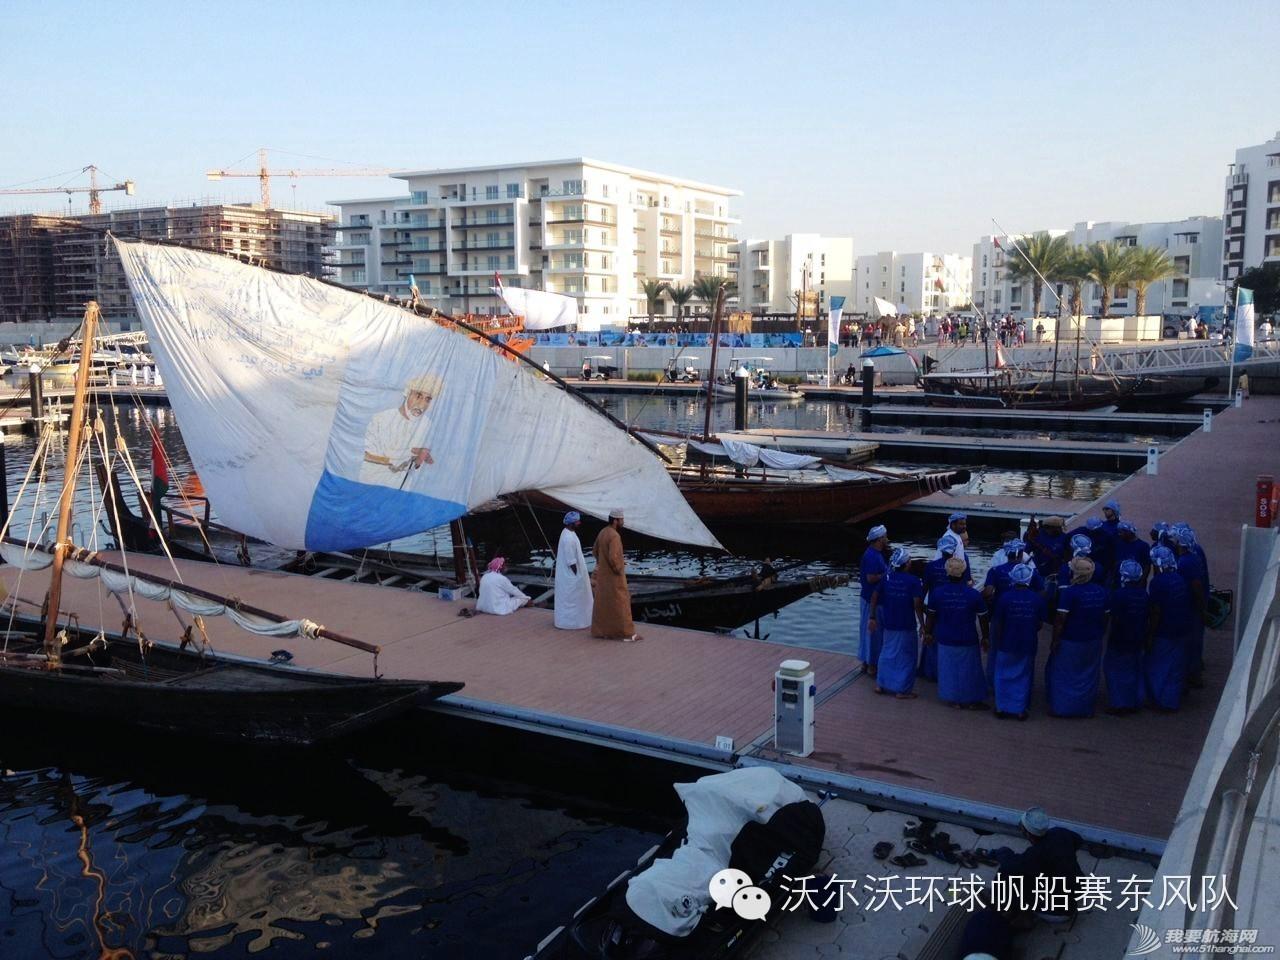 中国船员,阿拉伯海,中国人,沃尔沃,太平洋 特别的训练——东风队派出中国船员参加环阿拉伯海帆船赛